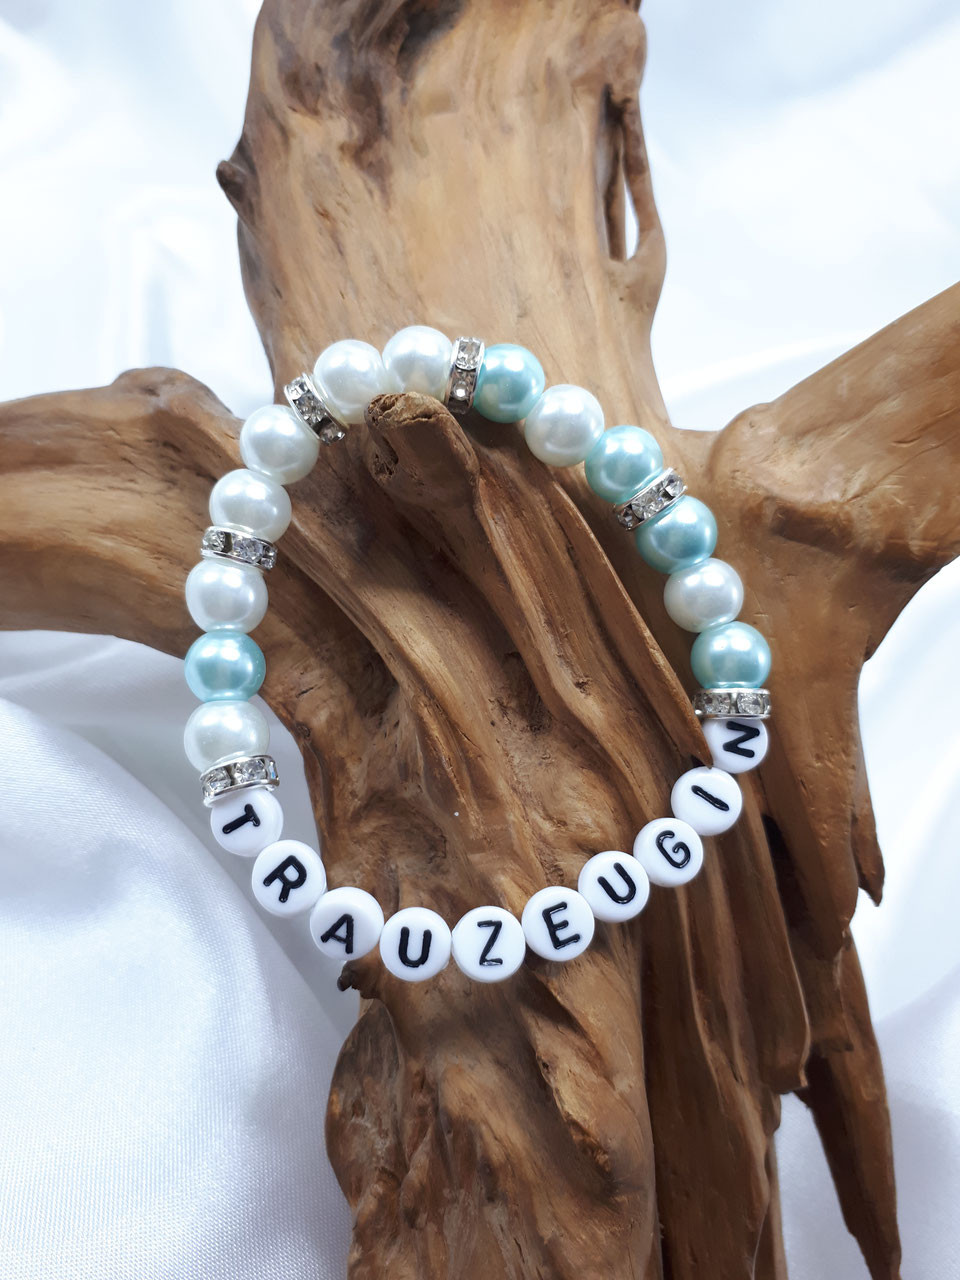 Armband Hochzeit  Armband zur Hochzeit personalisiert Deko Hochzeit Geschenke